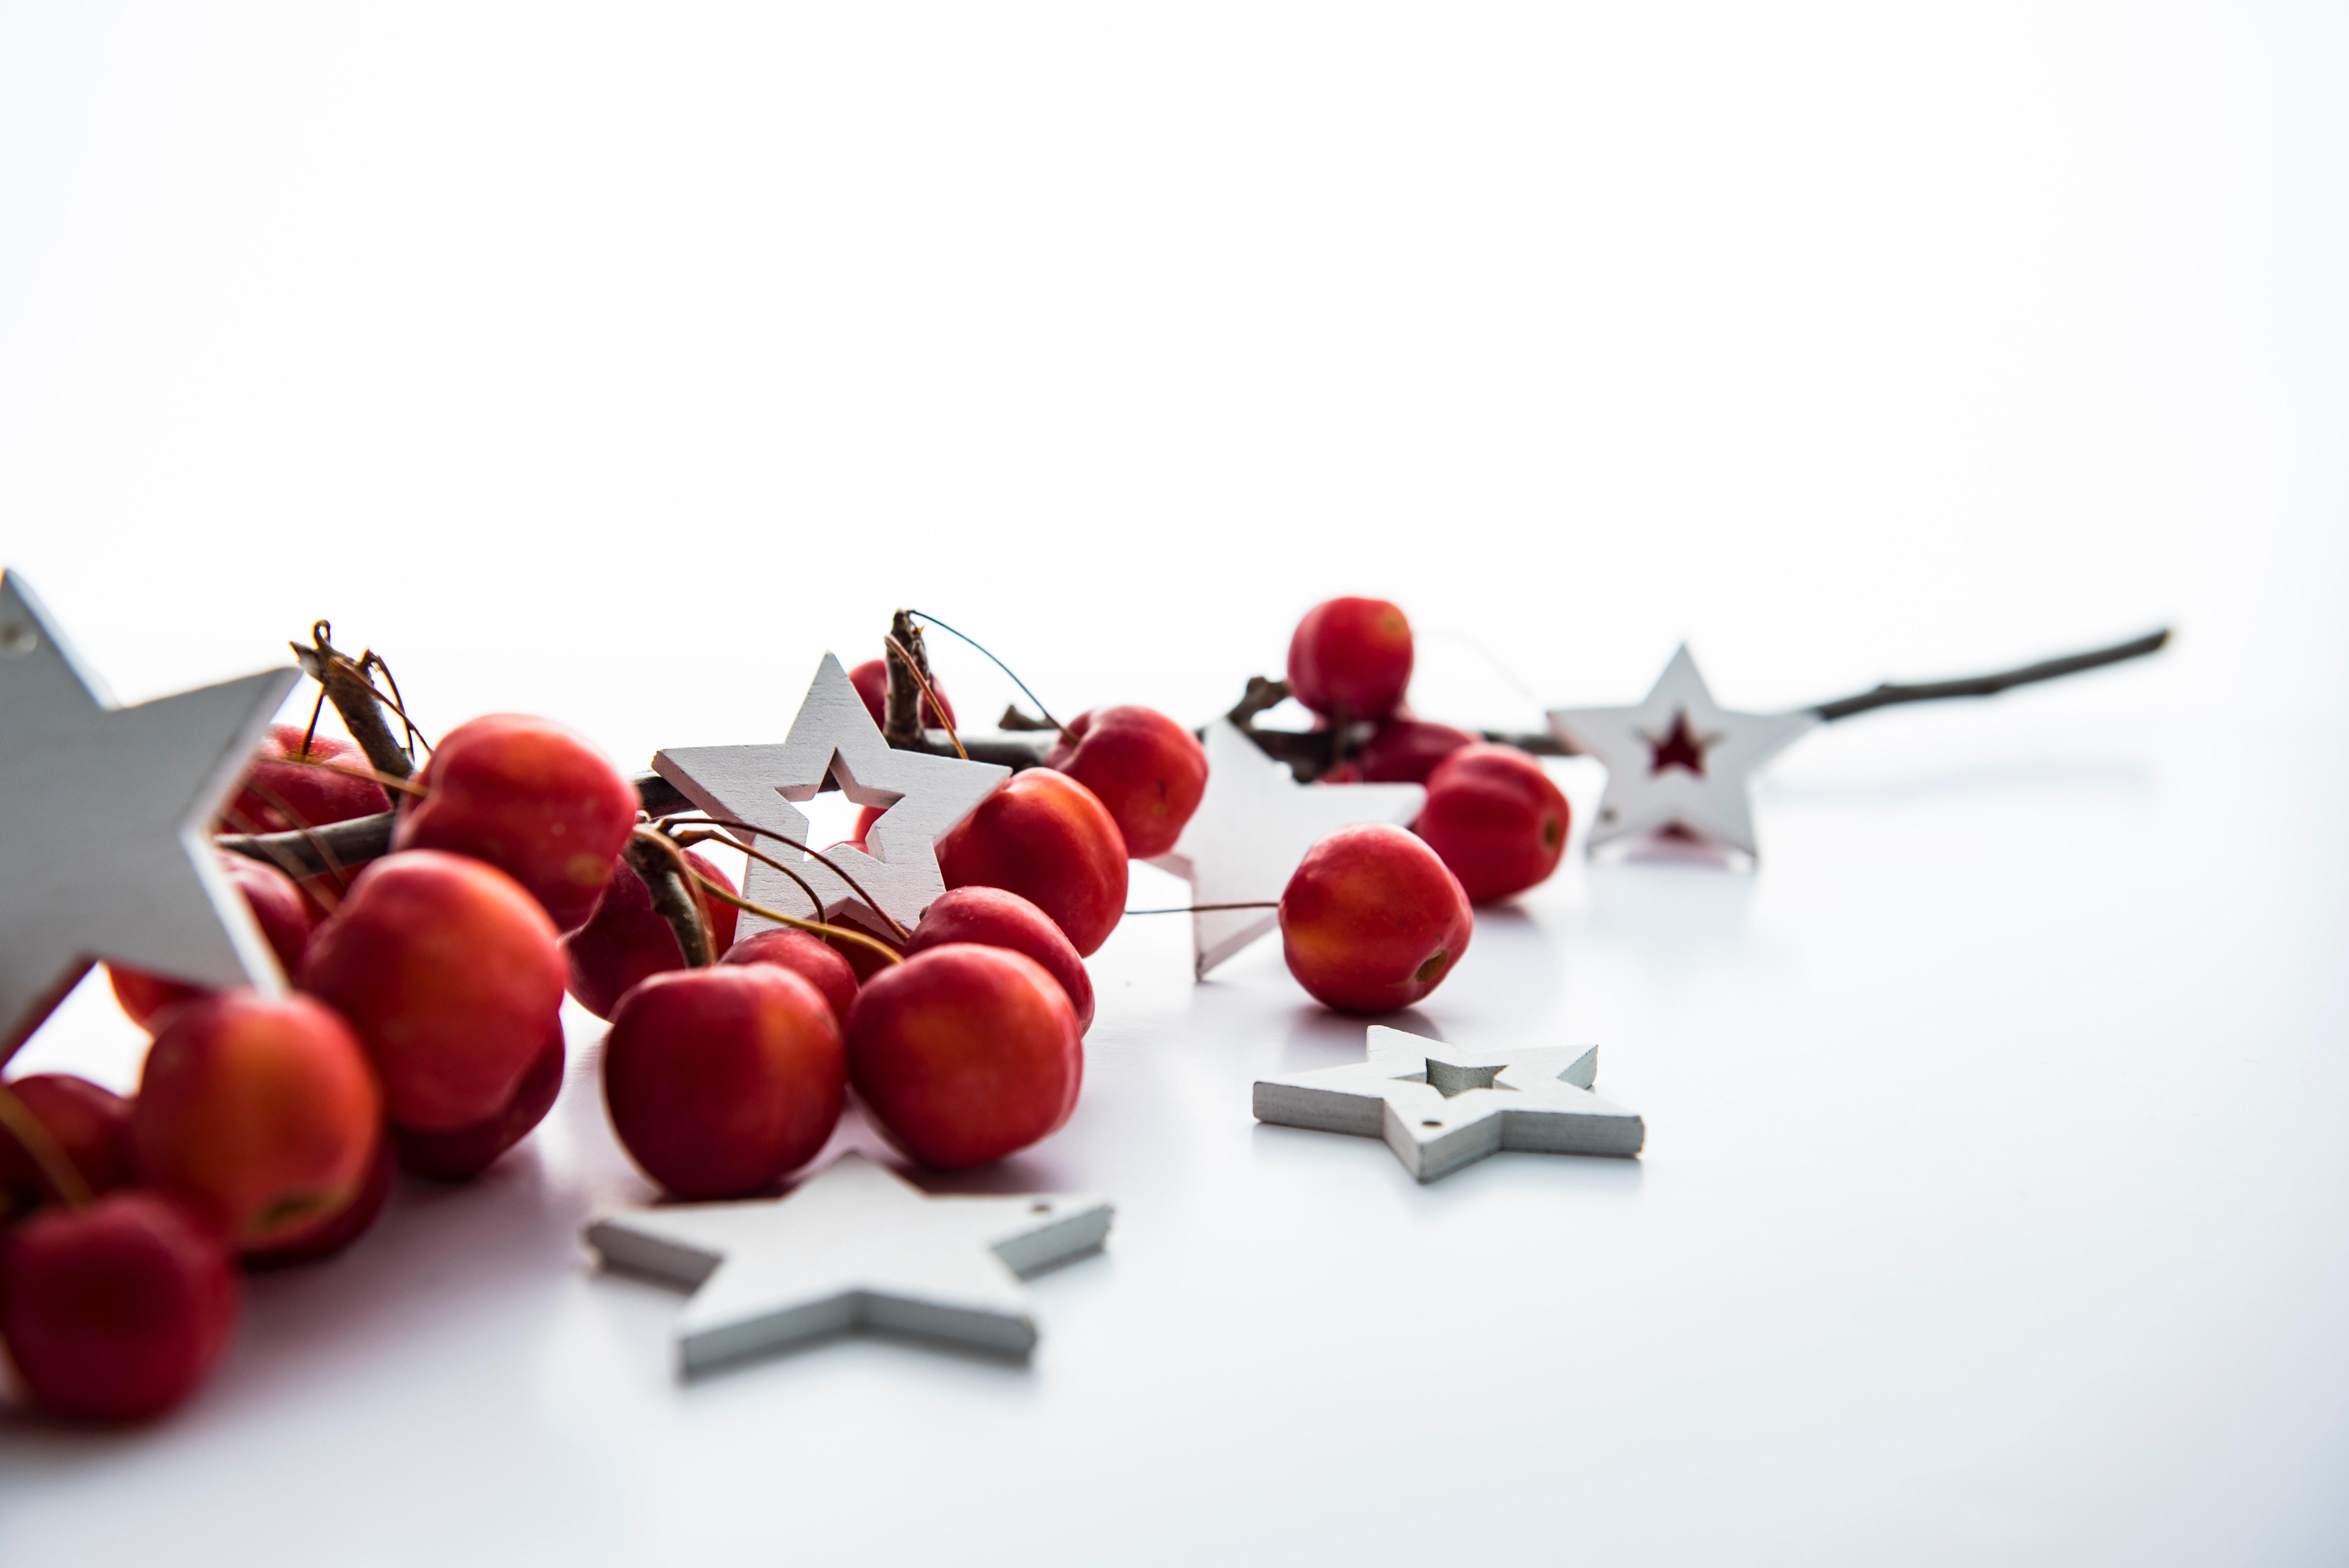 pożyczka na święta Bożego Narodzenia